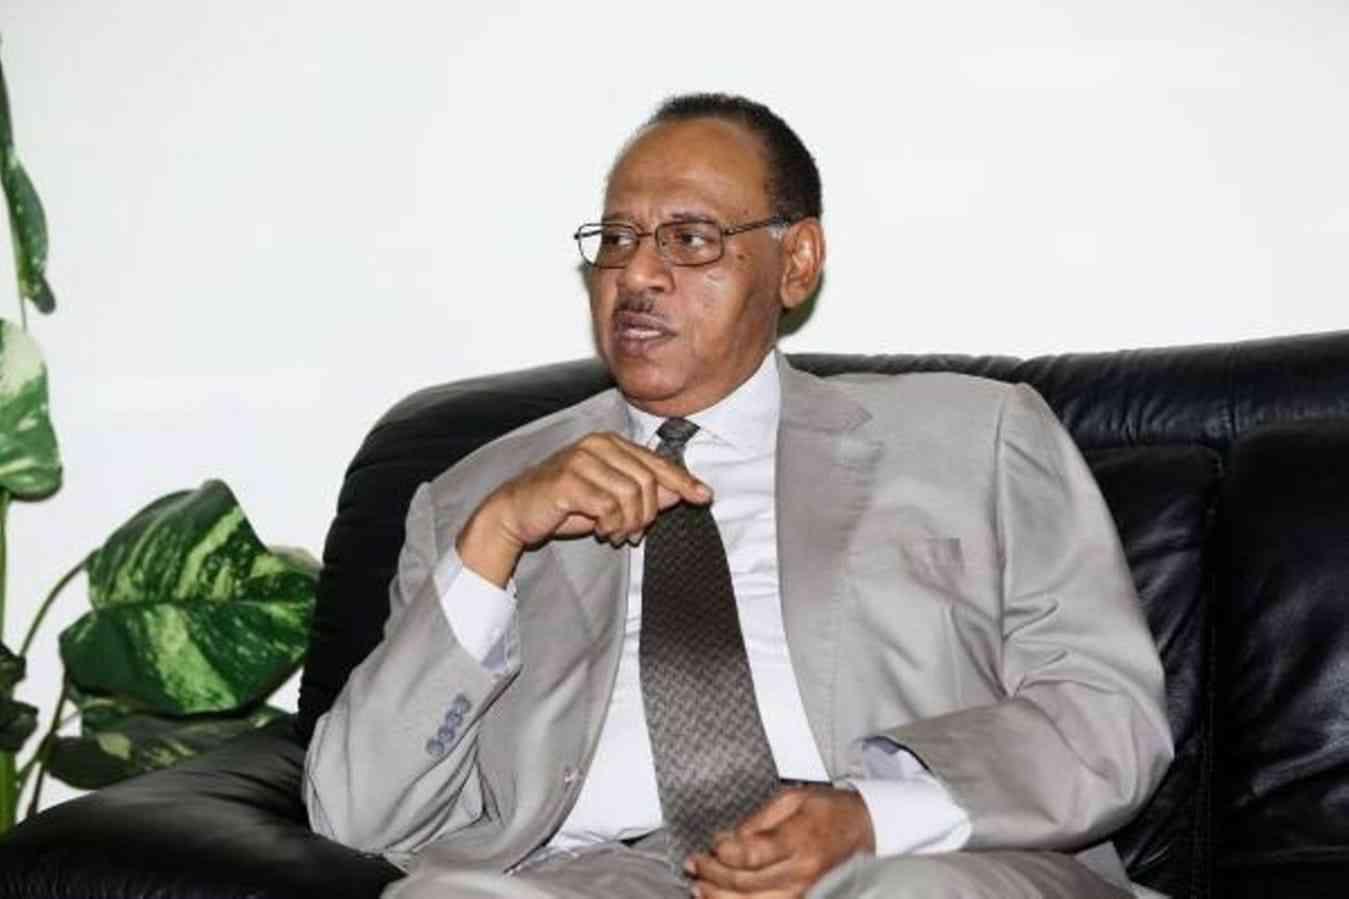 سفير السودان لدى الإمارات: دبي مركز عالمي للتواصل